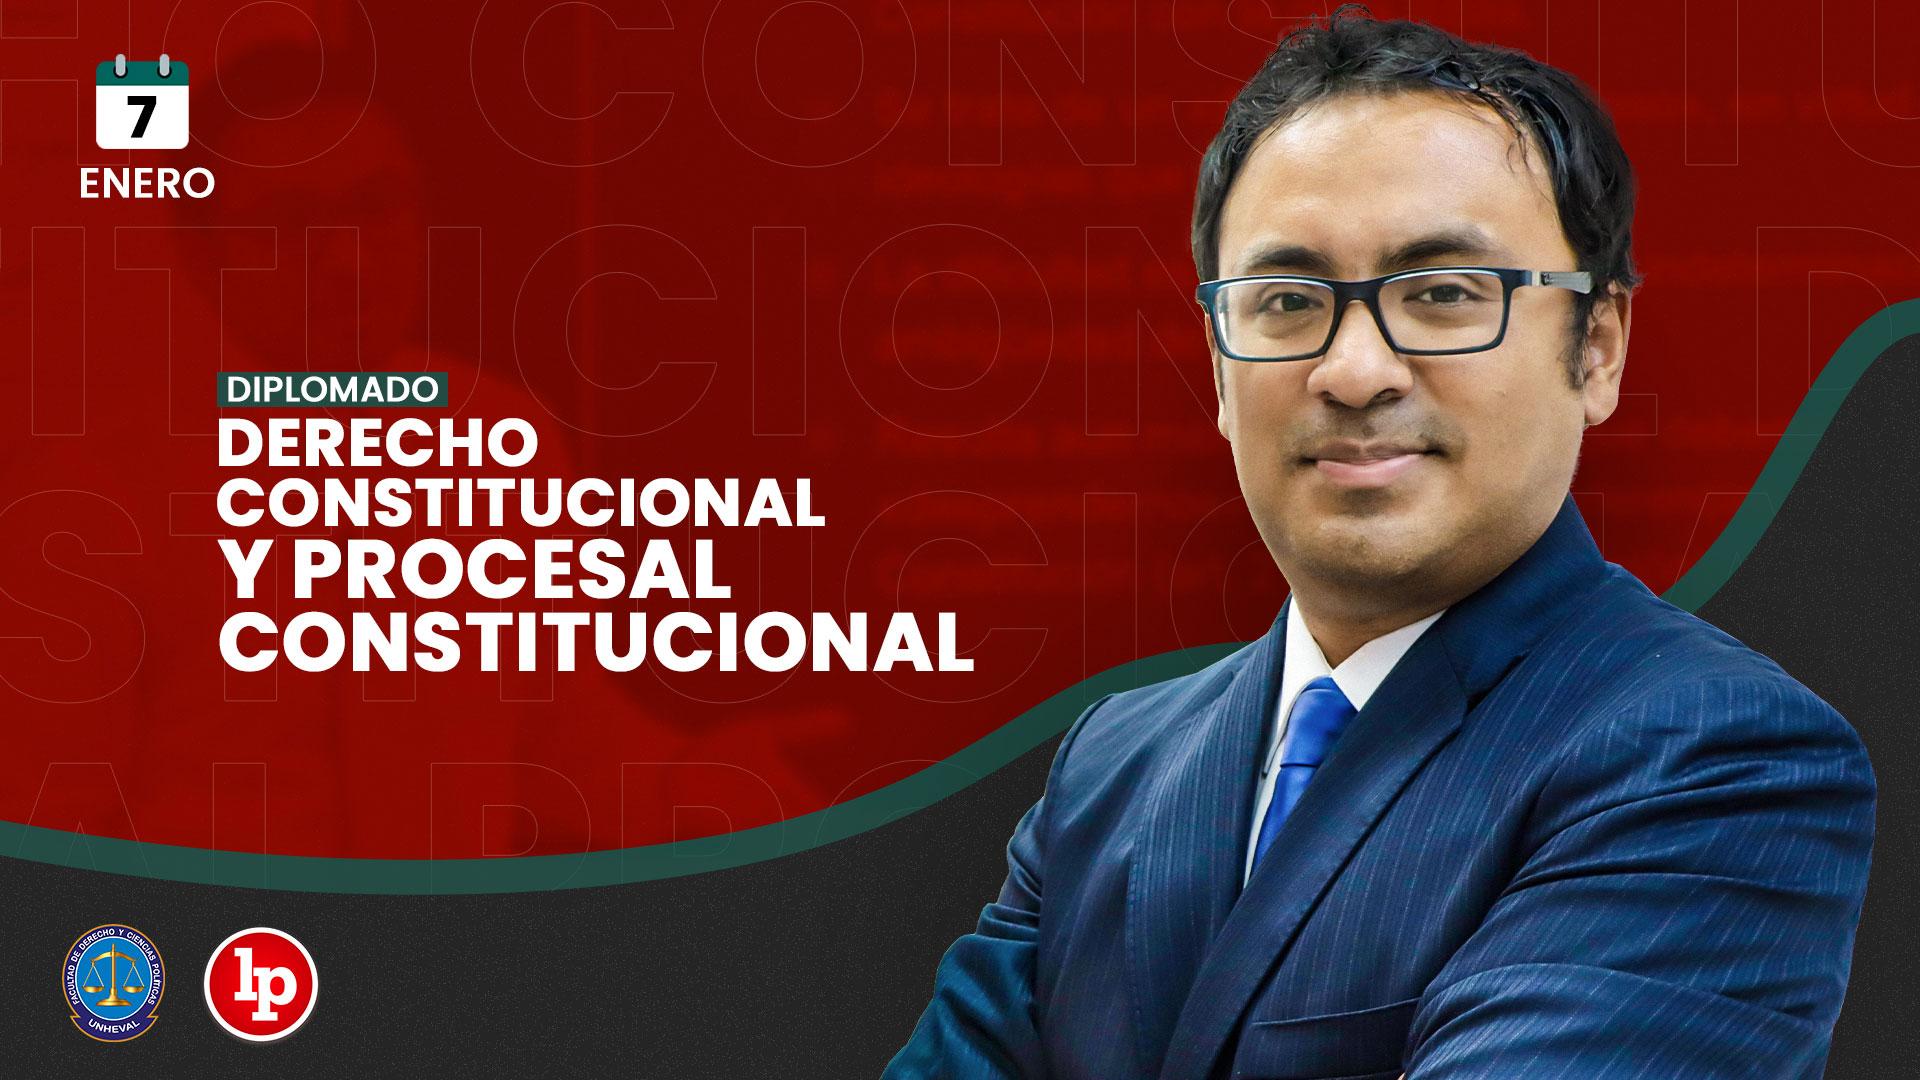 Diplomado Derecho constitucional y procesal constitucional. Inicio: 7 de enero